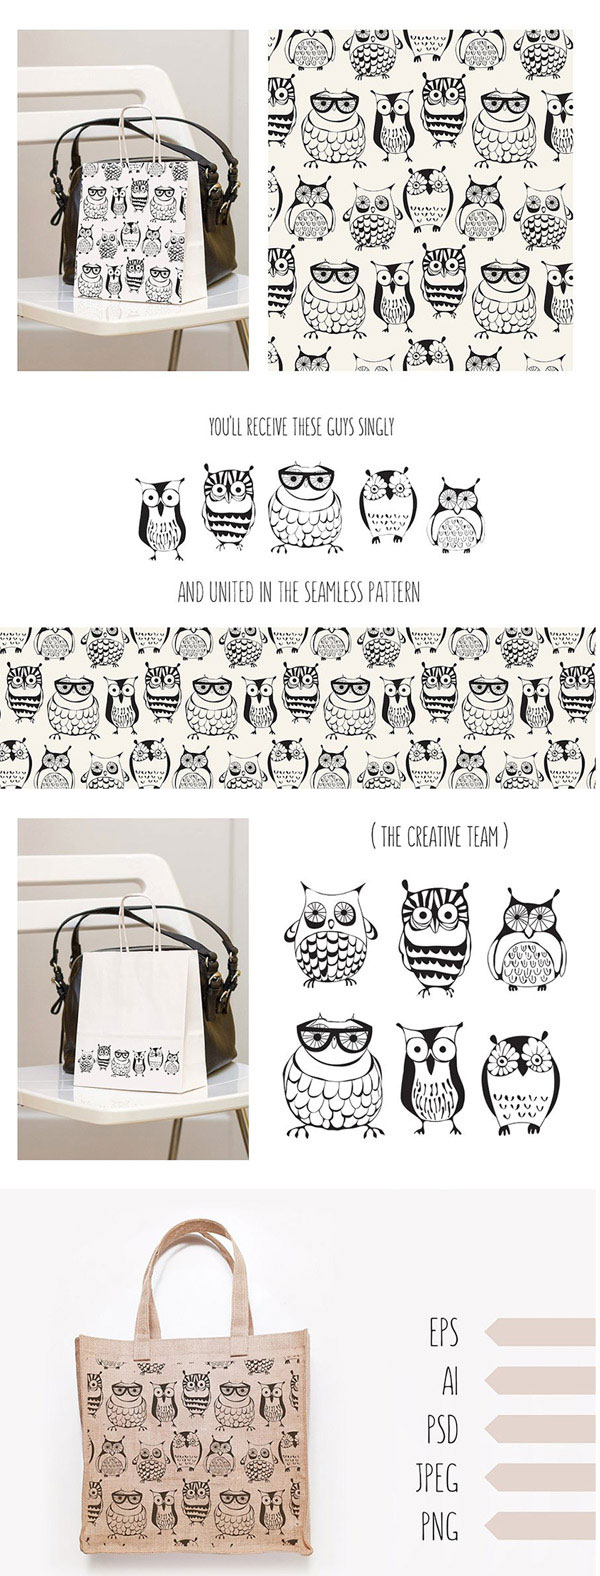 猫头鹰图案纹理